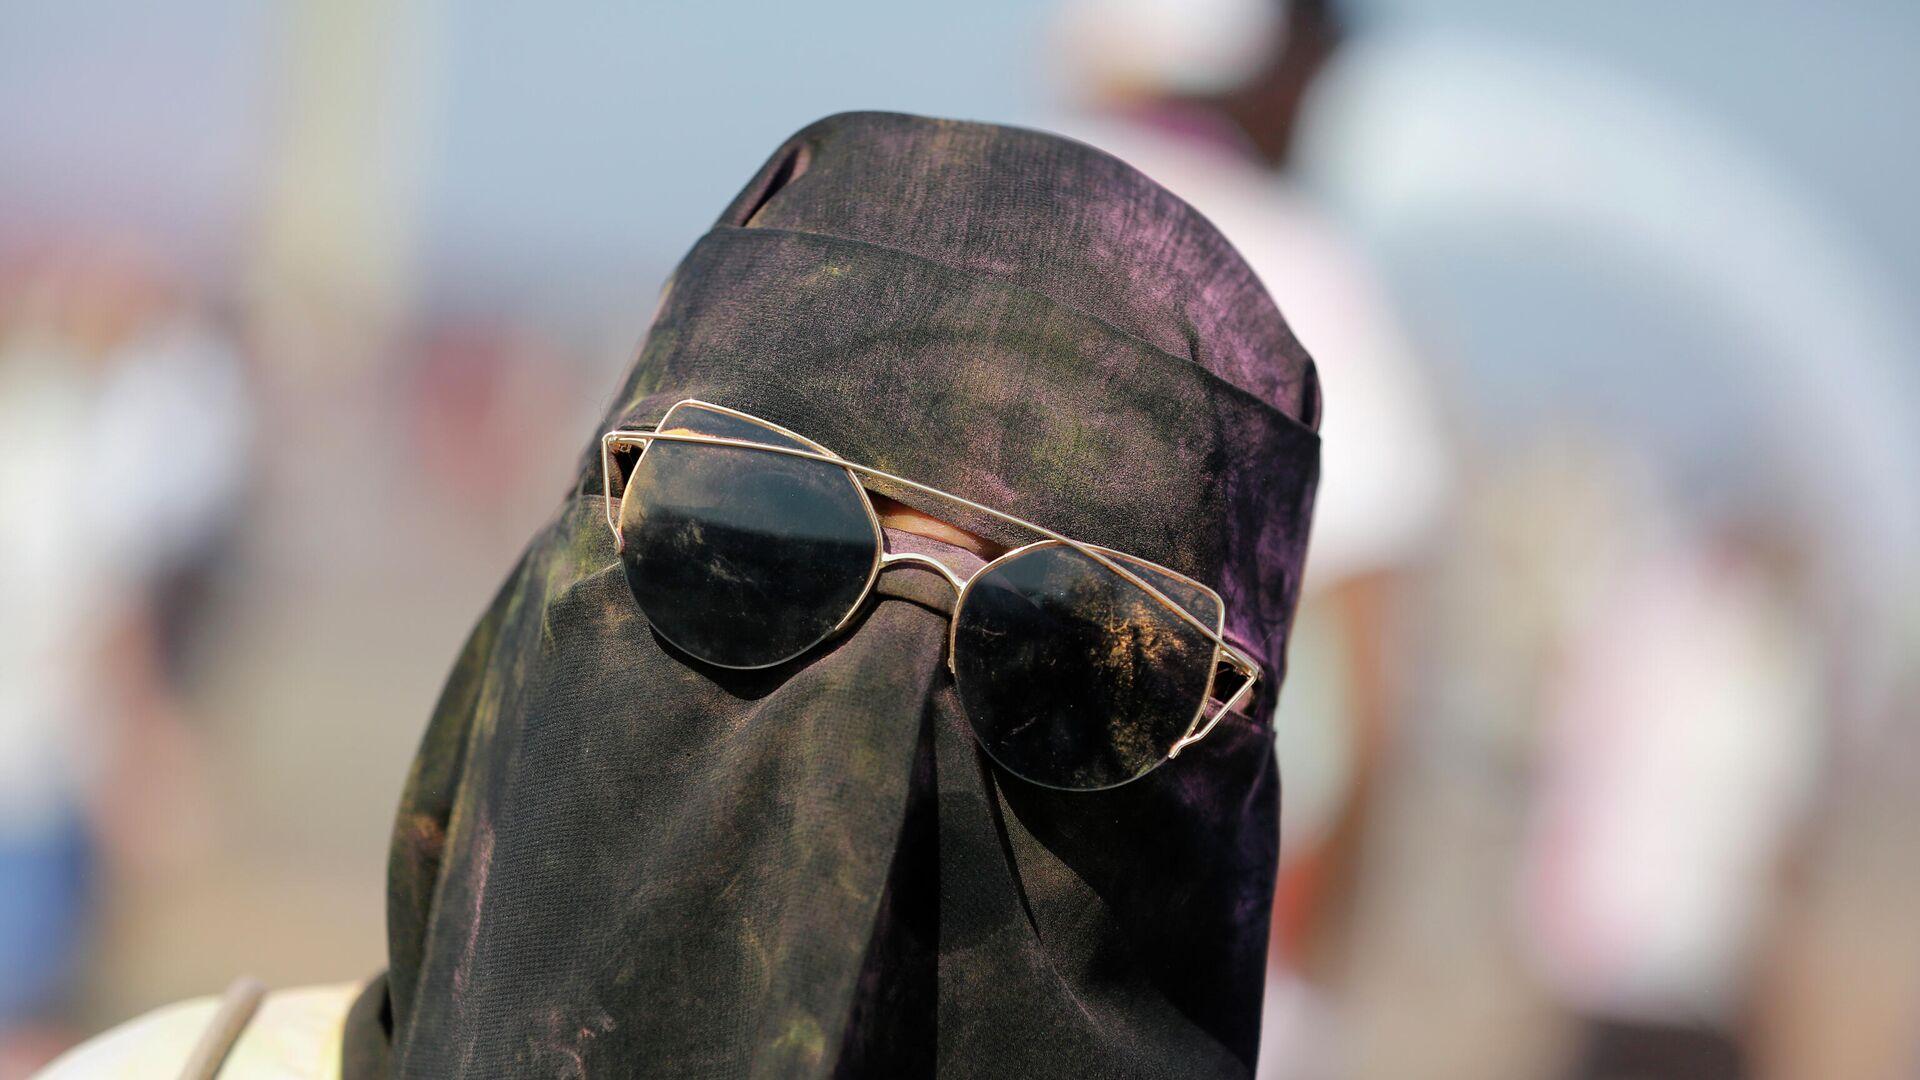 Burka (Symbolbild) - SNA, 1920, 22.07.2021